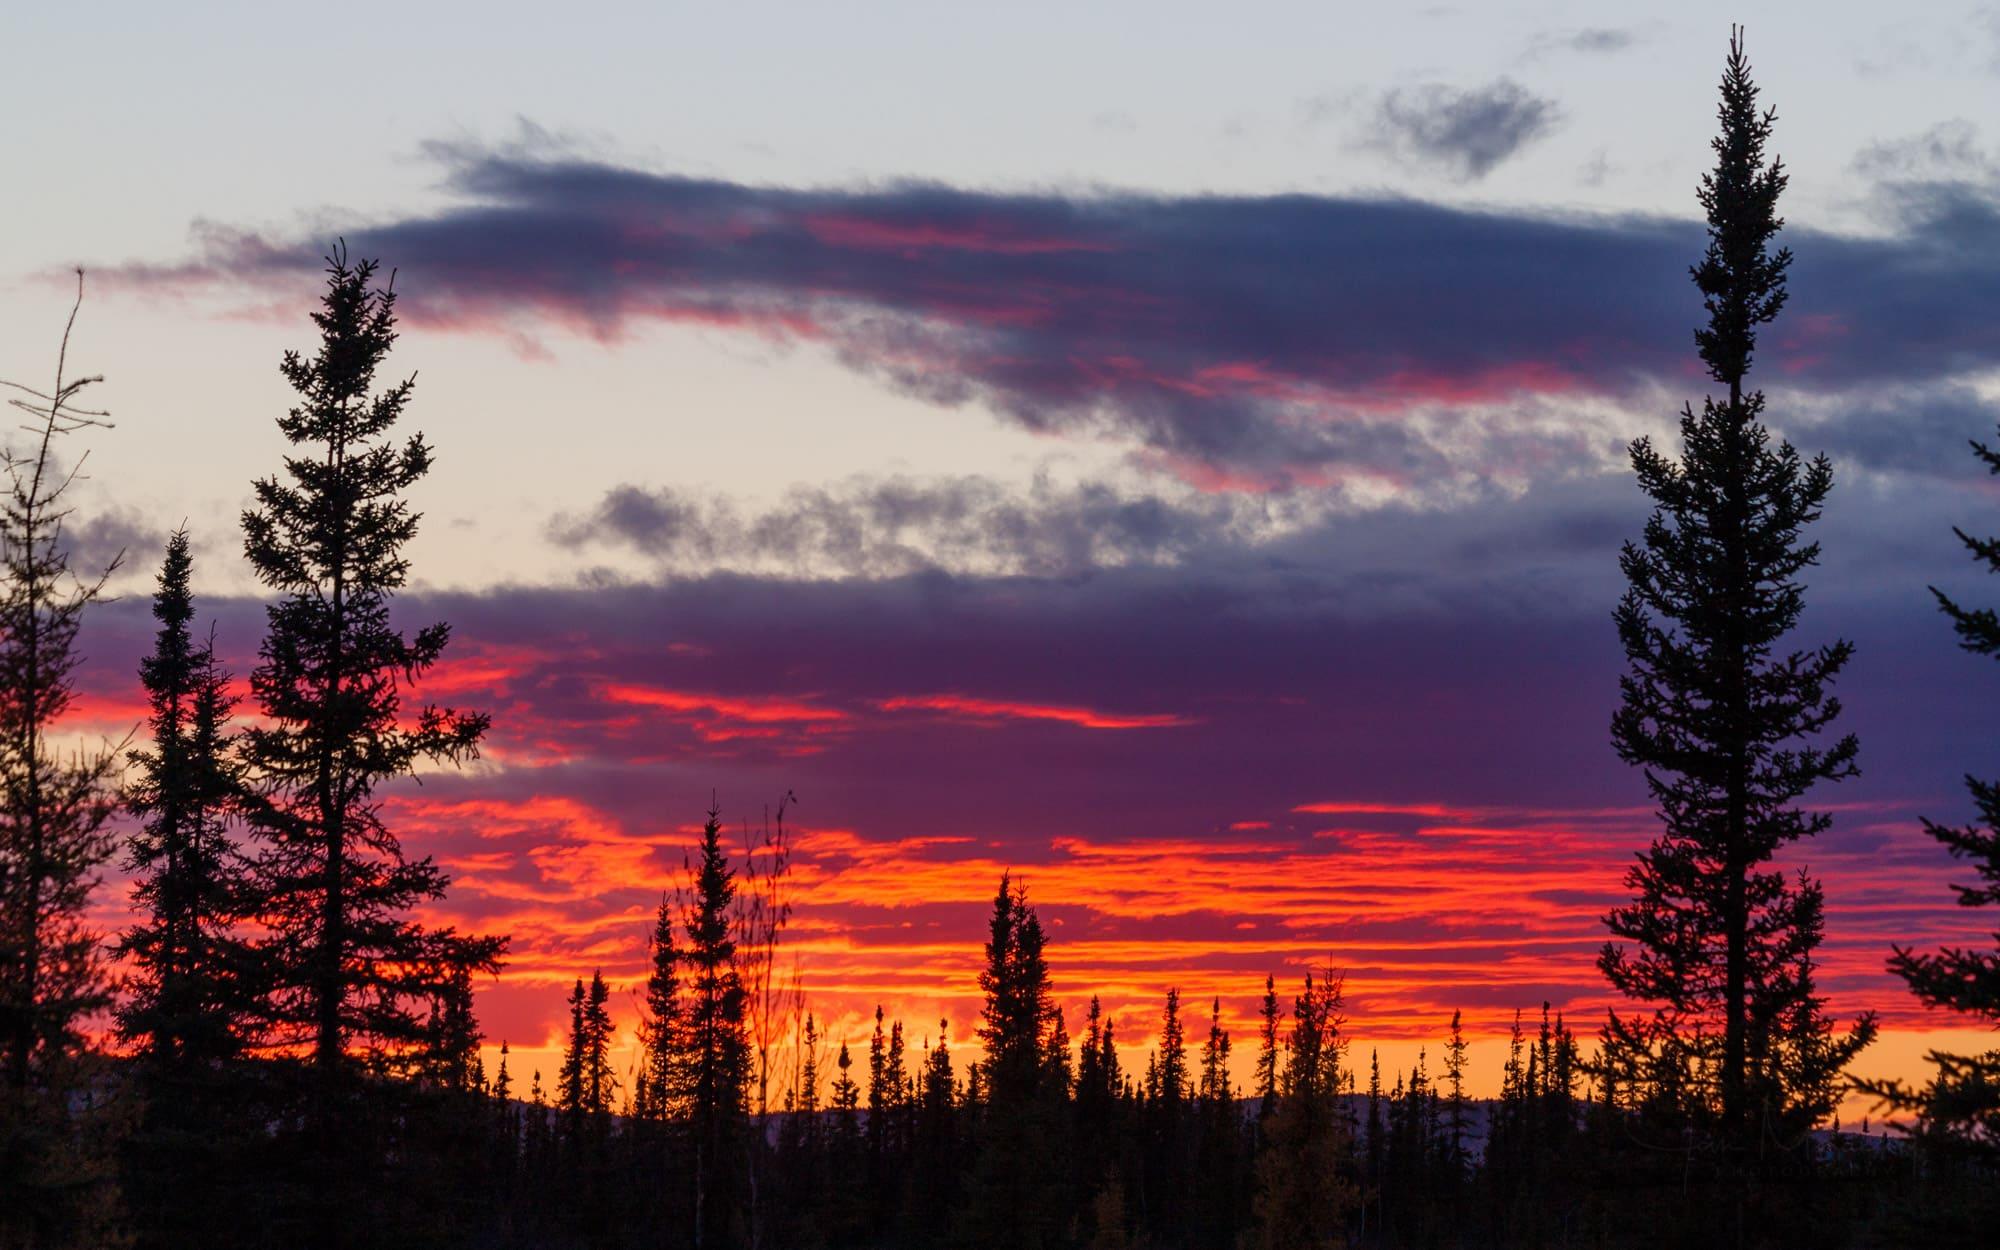 Red sunset near Fairbanks, Alaska